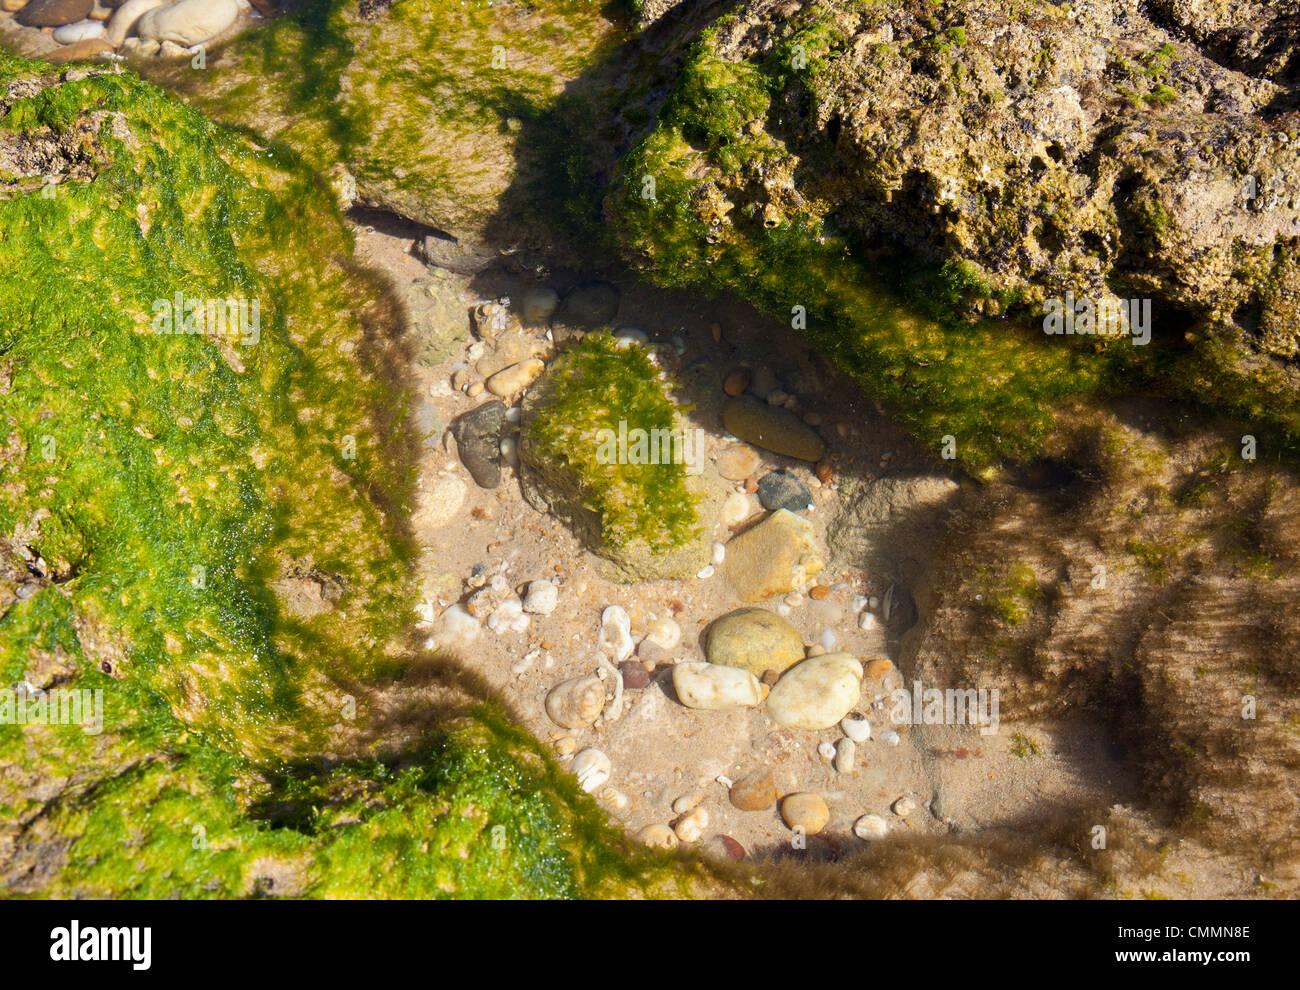 Piscine plage Photo Stock